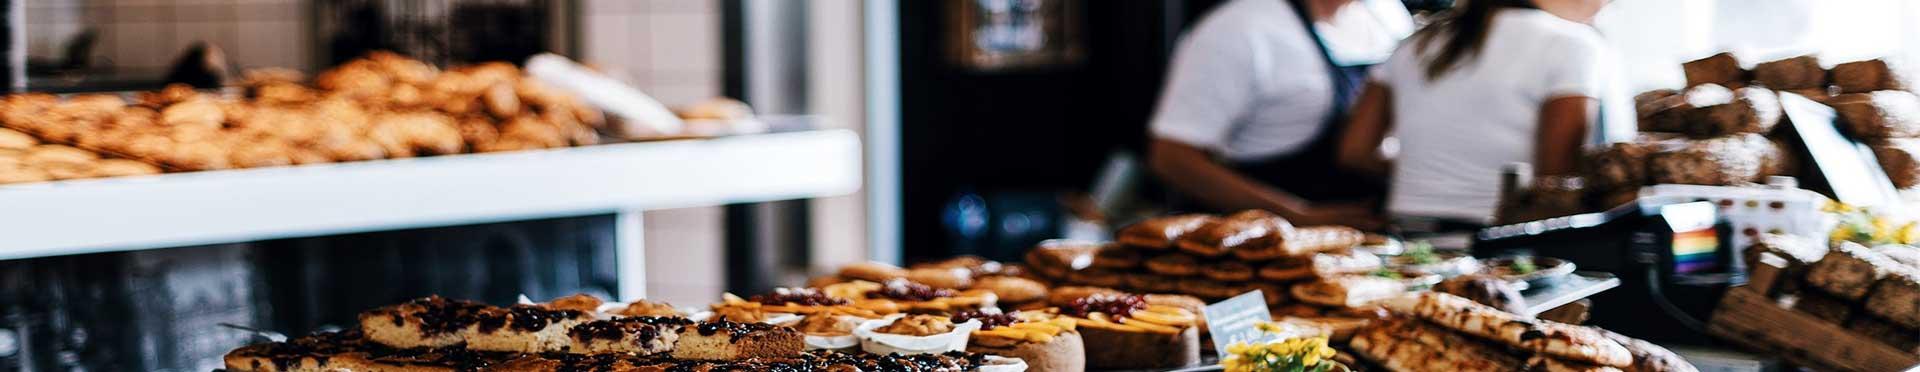 Implantación UNE de pequeño comercio en panadería